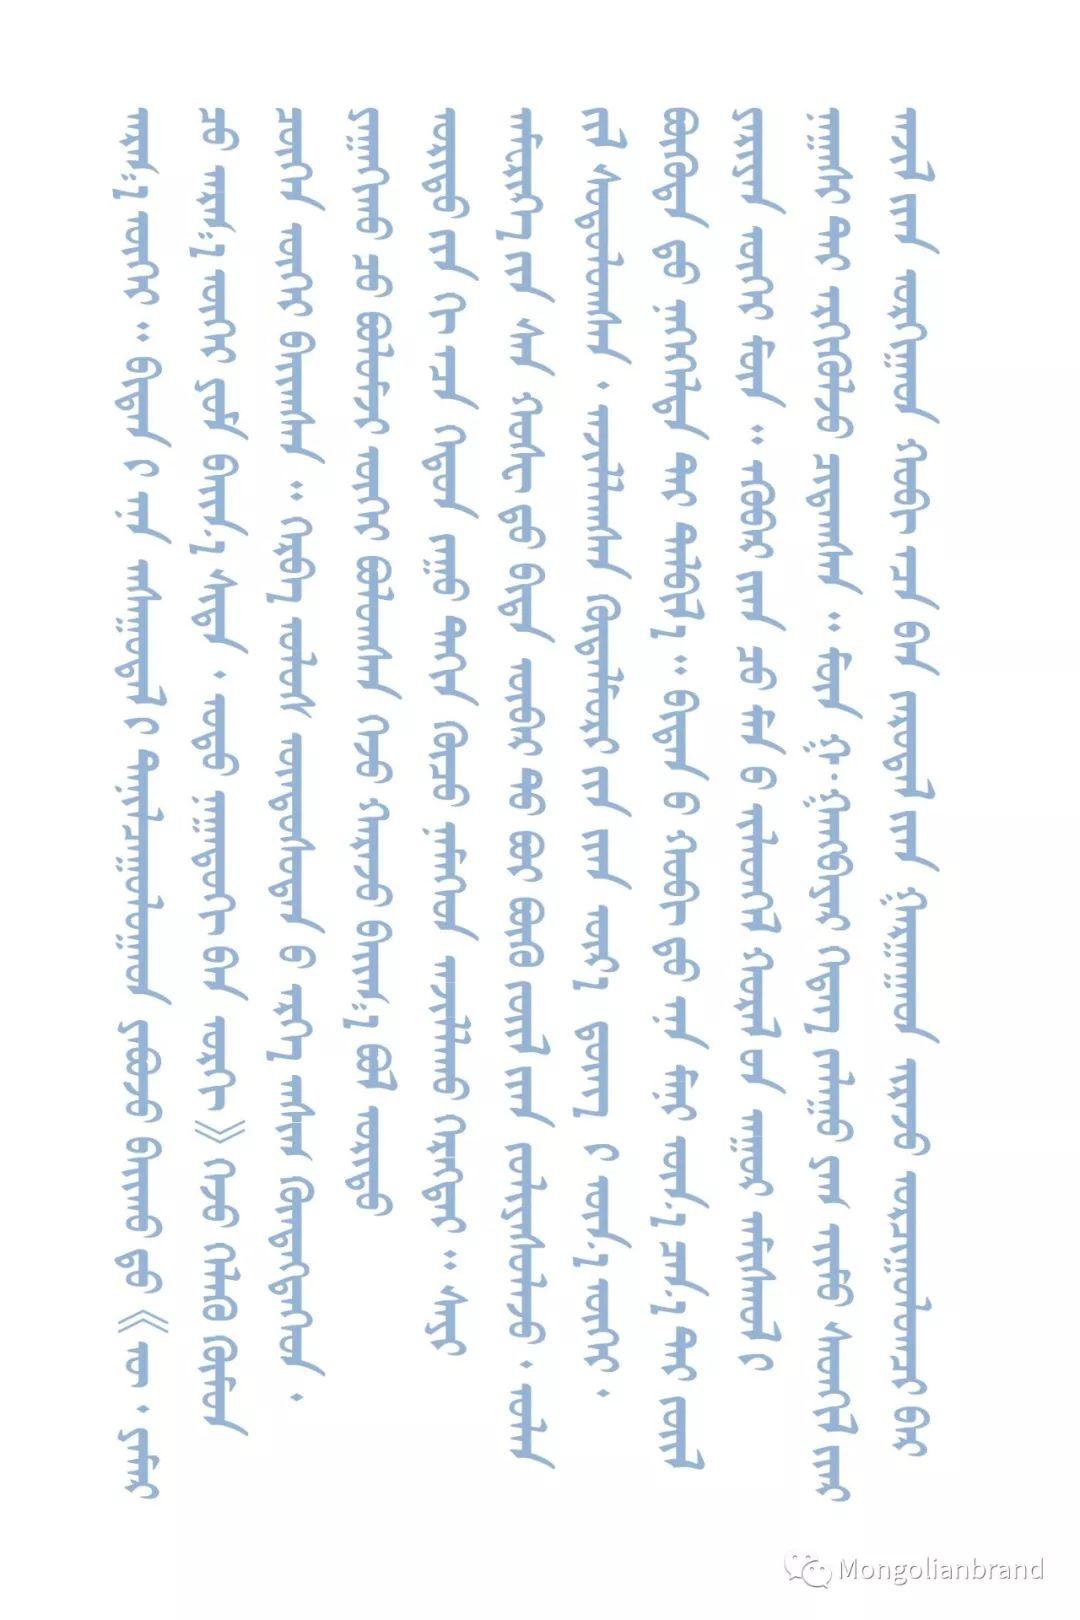 蒙古字体设计专家Jamiyansuren:让每个蒙古人掌握传统蒙古文是我们的终极目标 第13张 蒙古字体设计专家Jamiyansuren:让每个蒙古人掌握传统蒙古文是我们的终极目标 蒙古文化